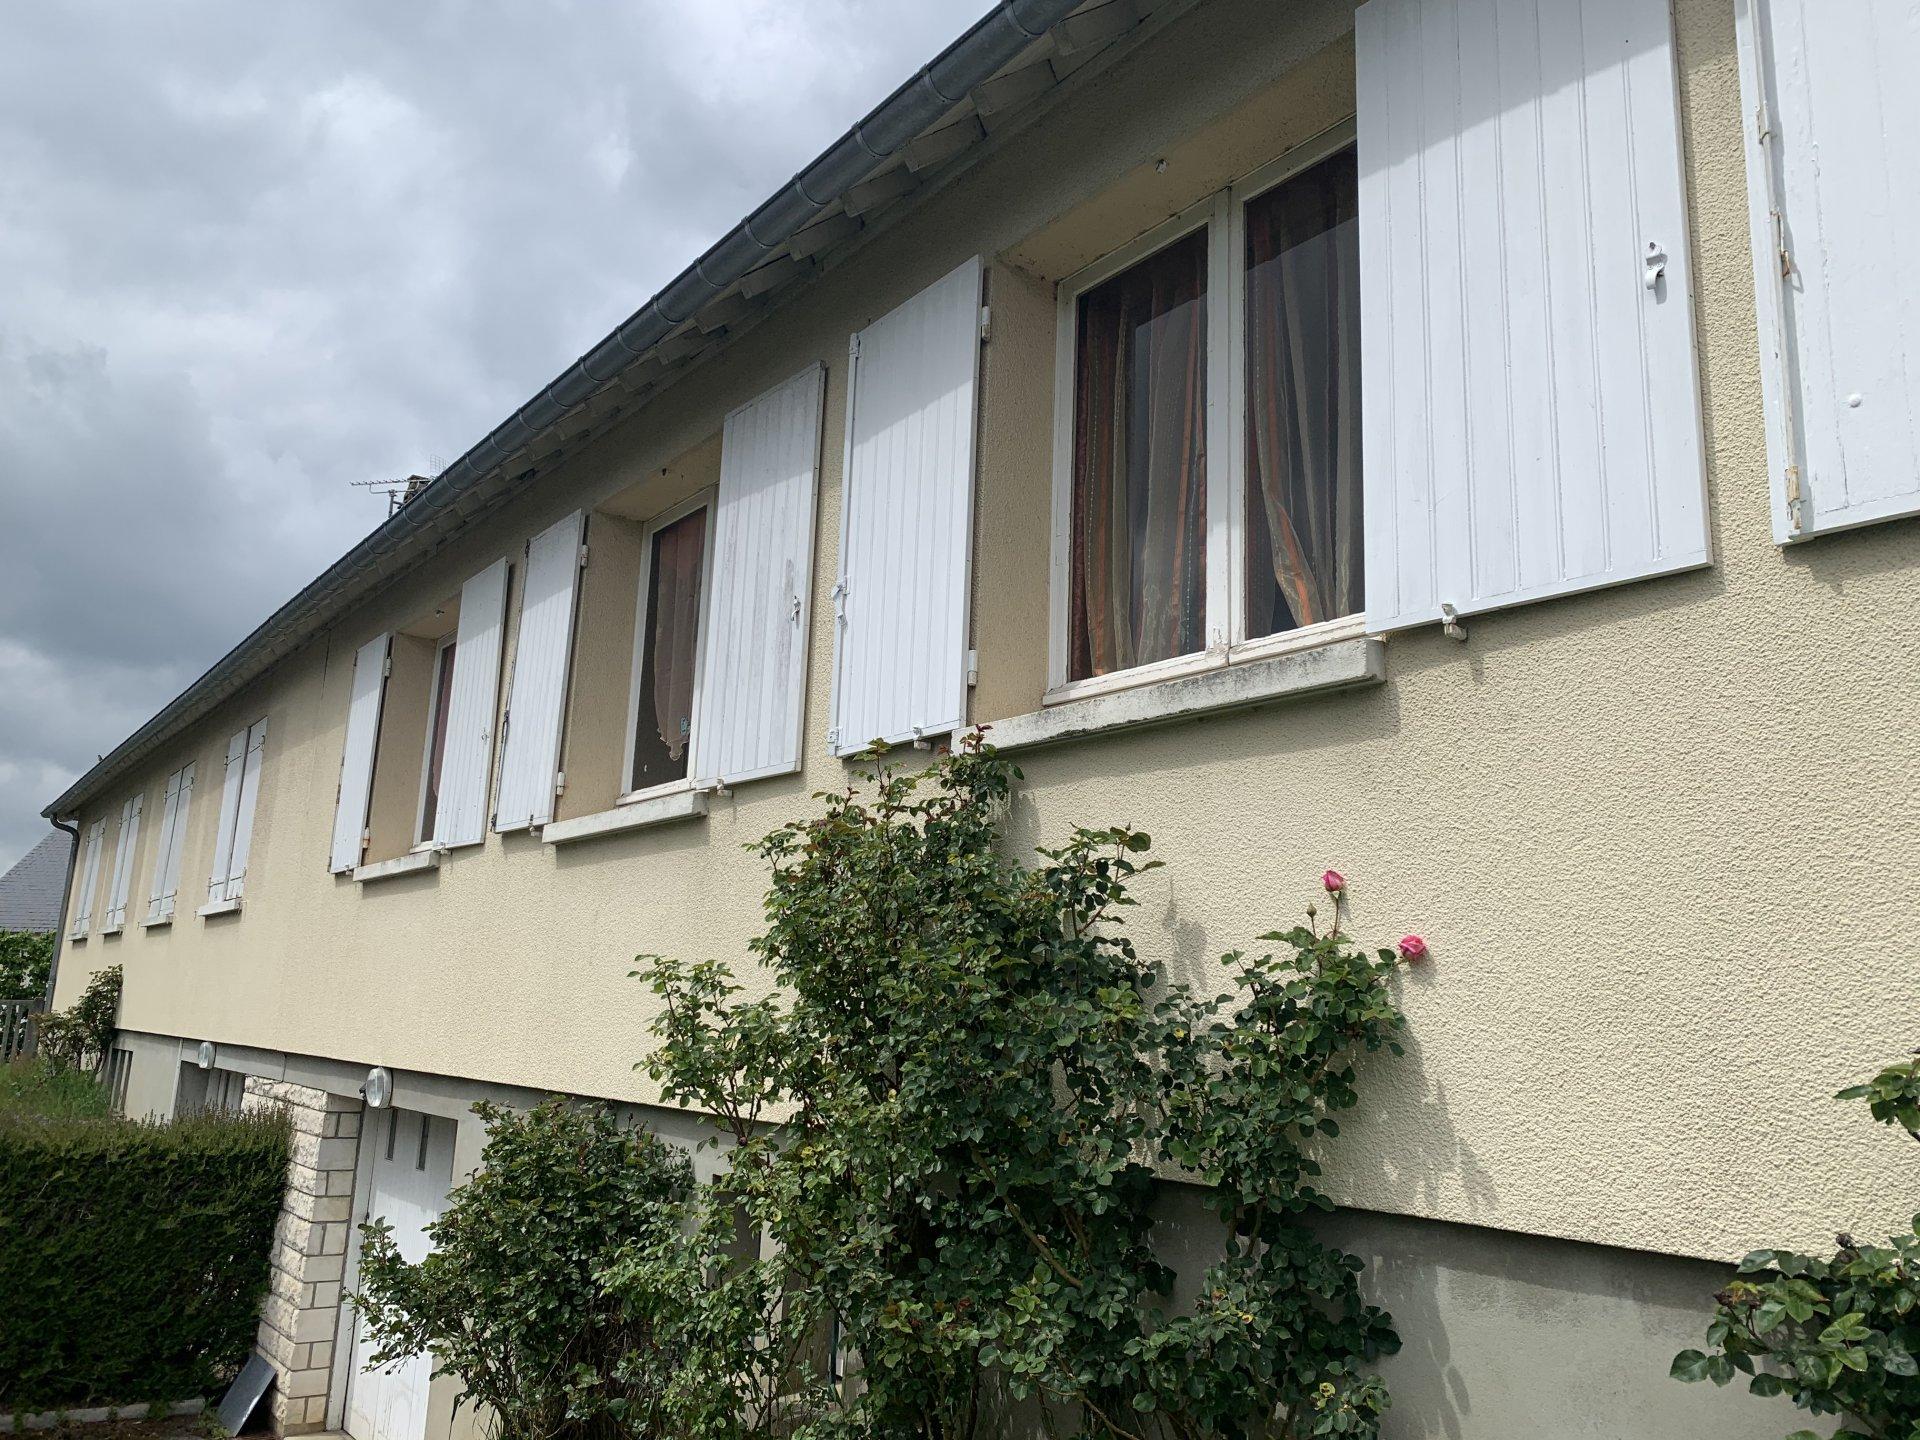 Vente Ensemble immobilier - L'Aigle